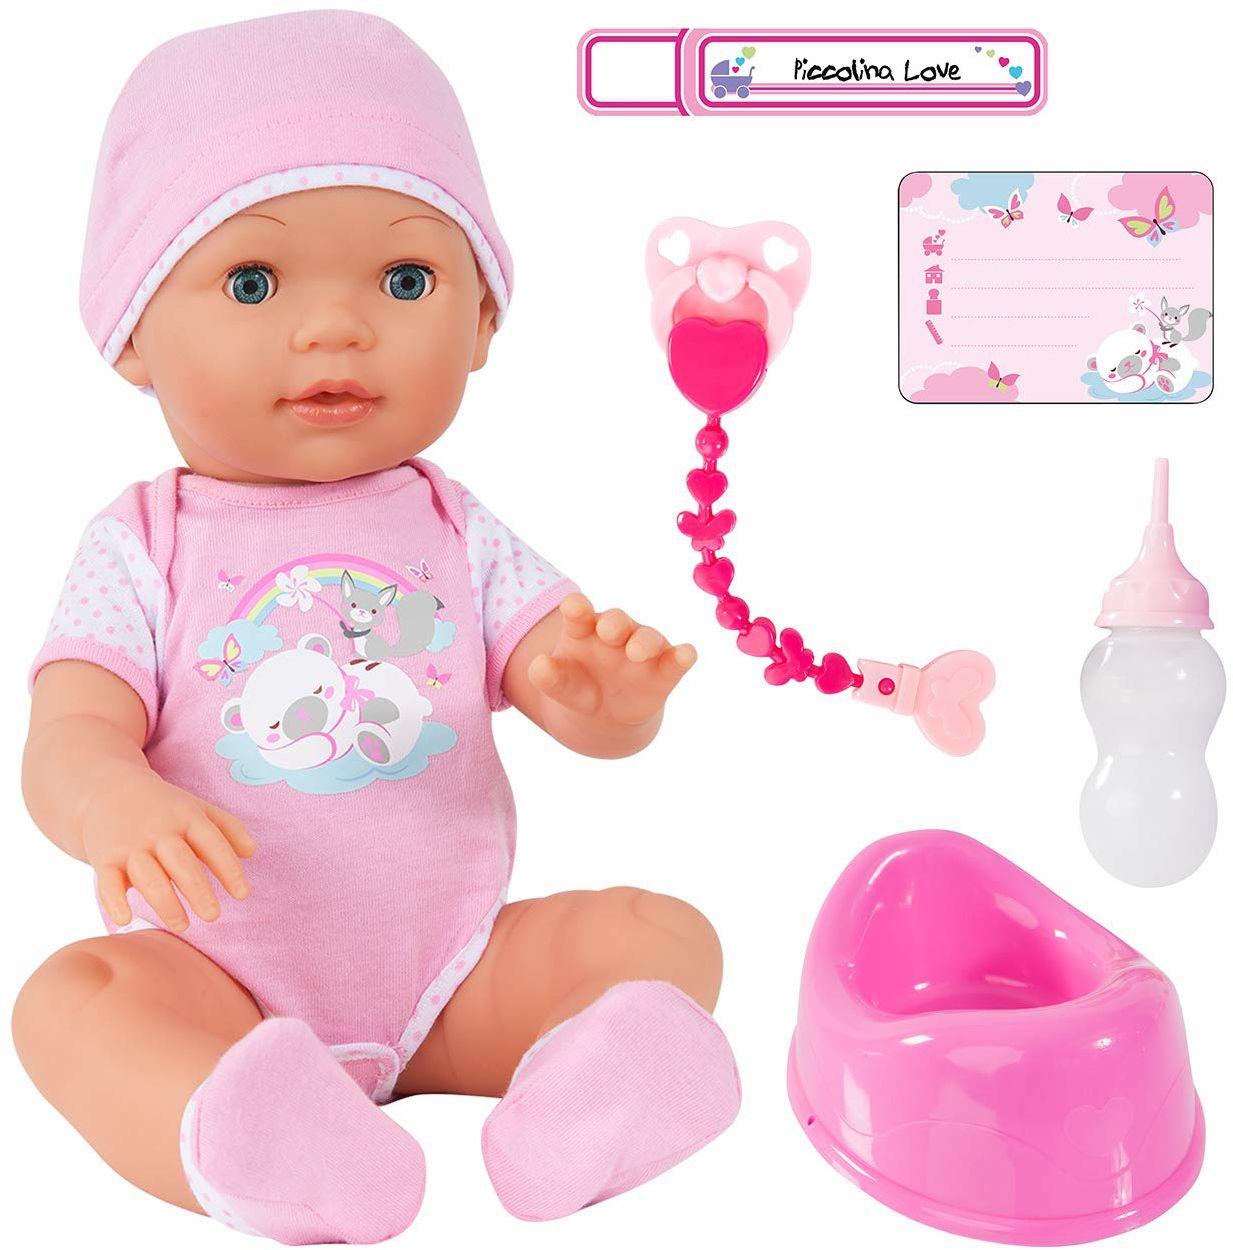 Bayer Design 94209AA lalka funkcyjna, interaktywna Piccolina Love, która może sprawić, że oczy będą zamknięte, w zestawie akcesoria, różowa